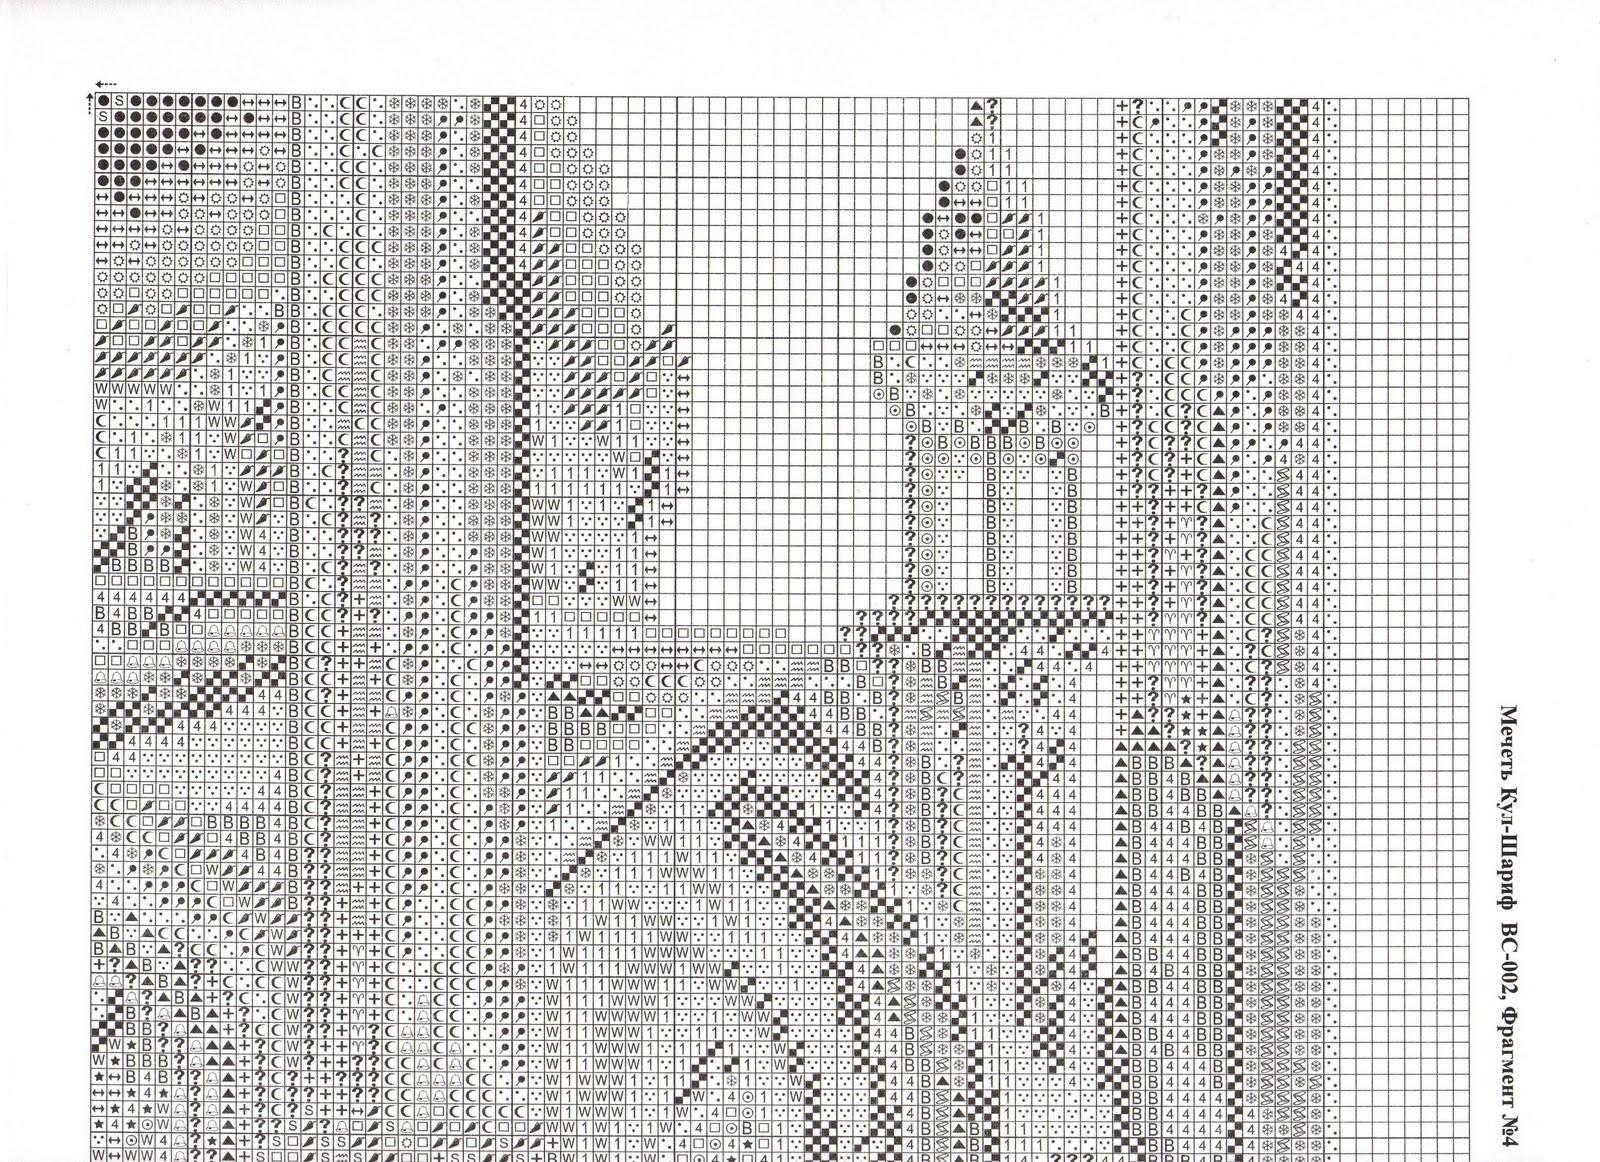 Вышивка мечетей по схеме крестиком